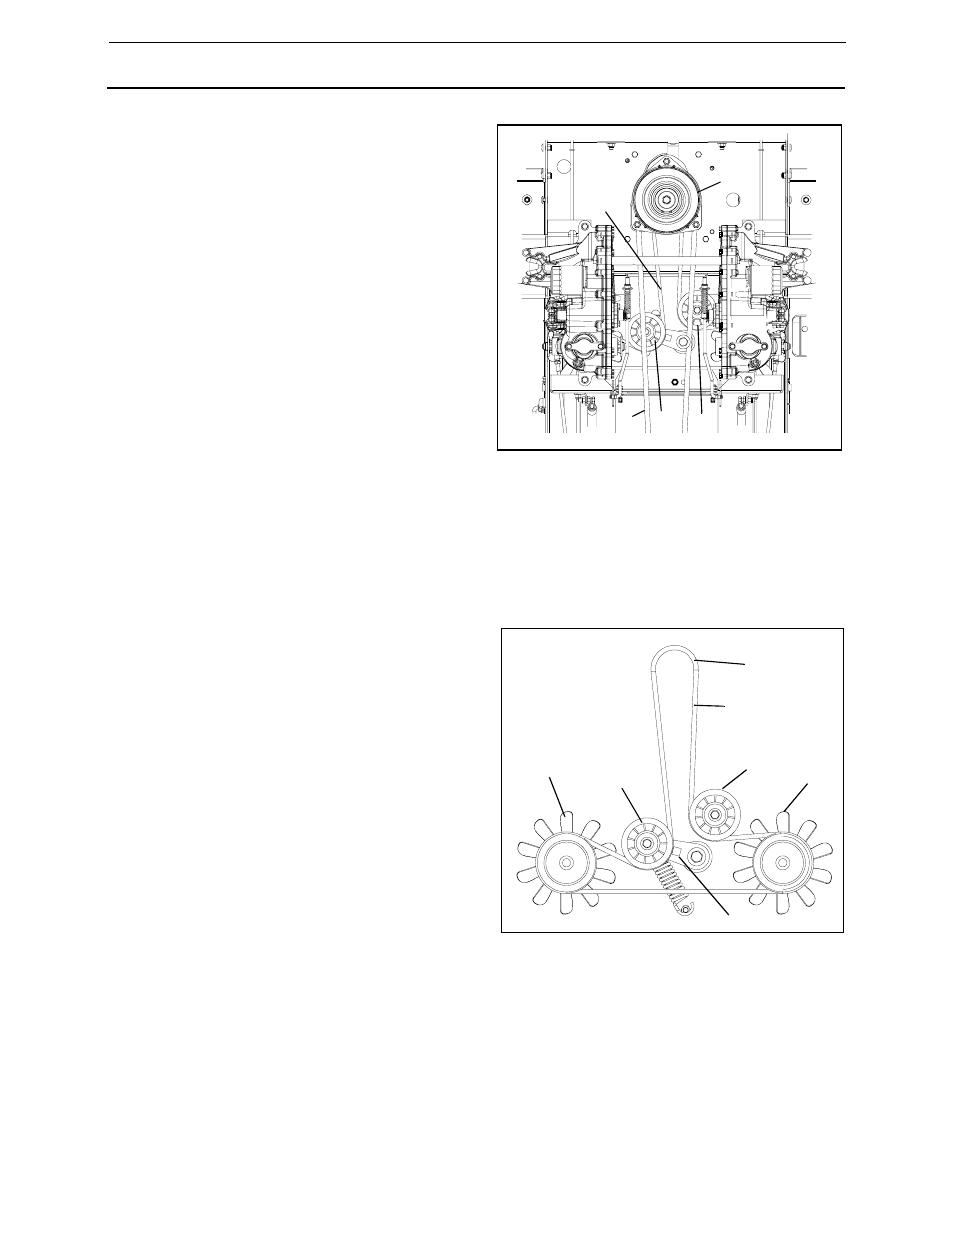 hight resolution of maintenance yazoo kees zekw42170 user manual page 47 80 chevrolet serpentine belt diagrams yazoo belt diagram